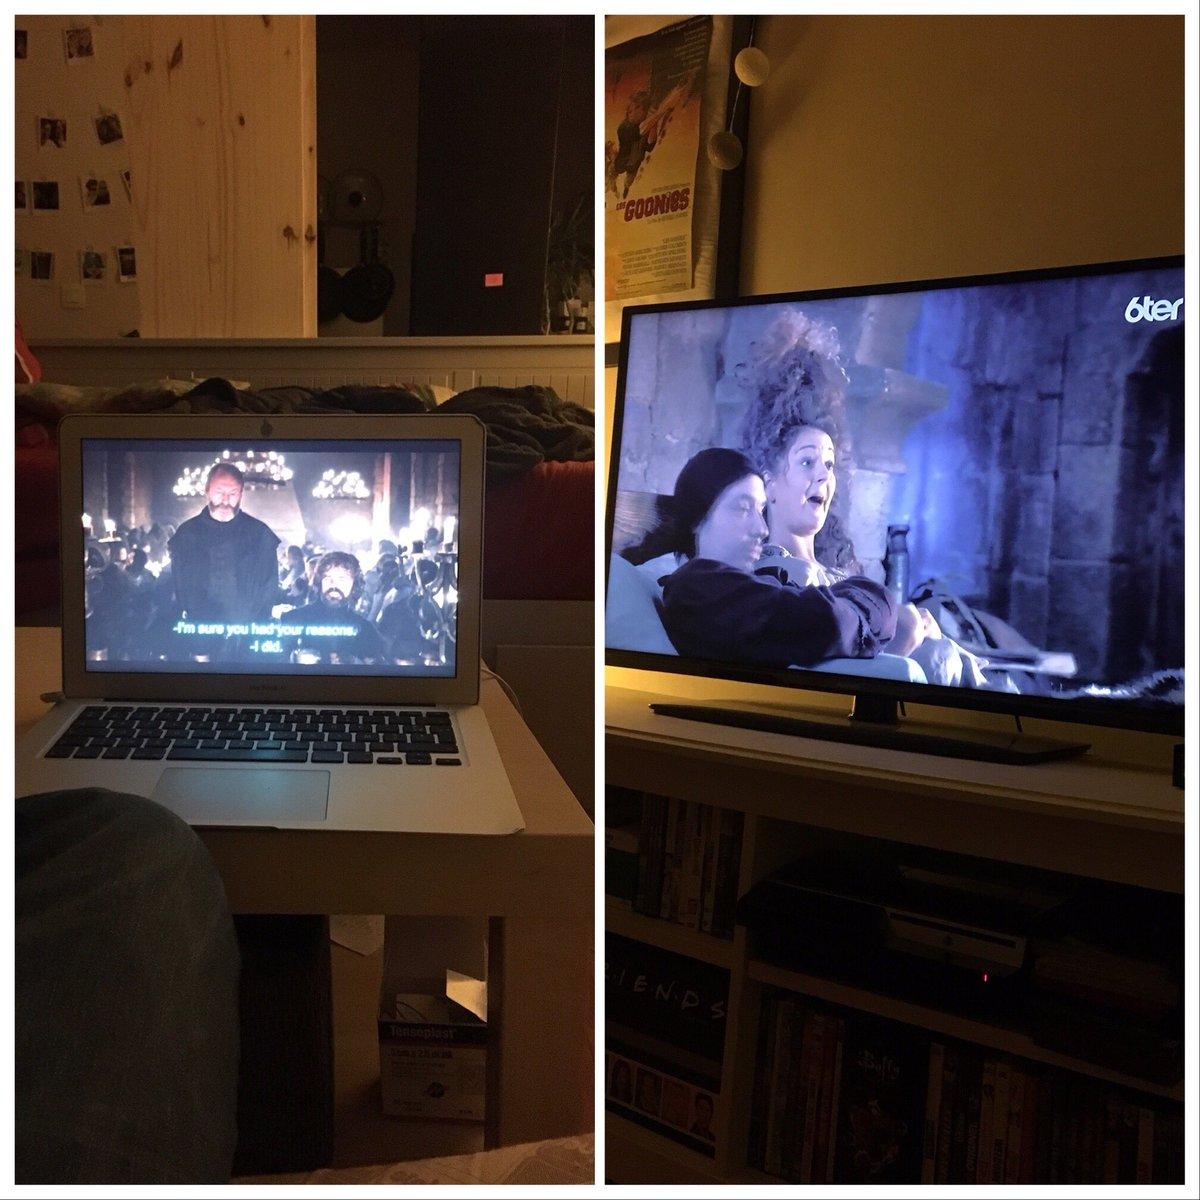 Deux écrans deux ambiances.. #GoTFinale #got #kaamelott #mercialexandreastier @sgtpembry https://t.co/9lYPinmFPq